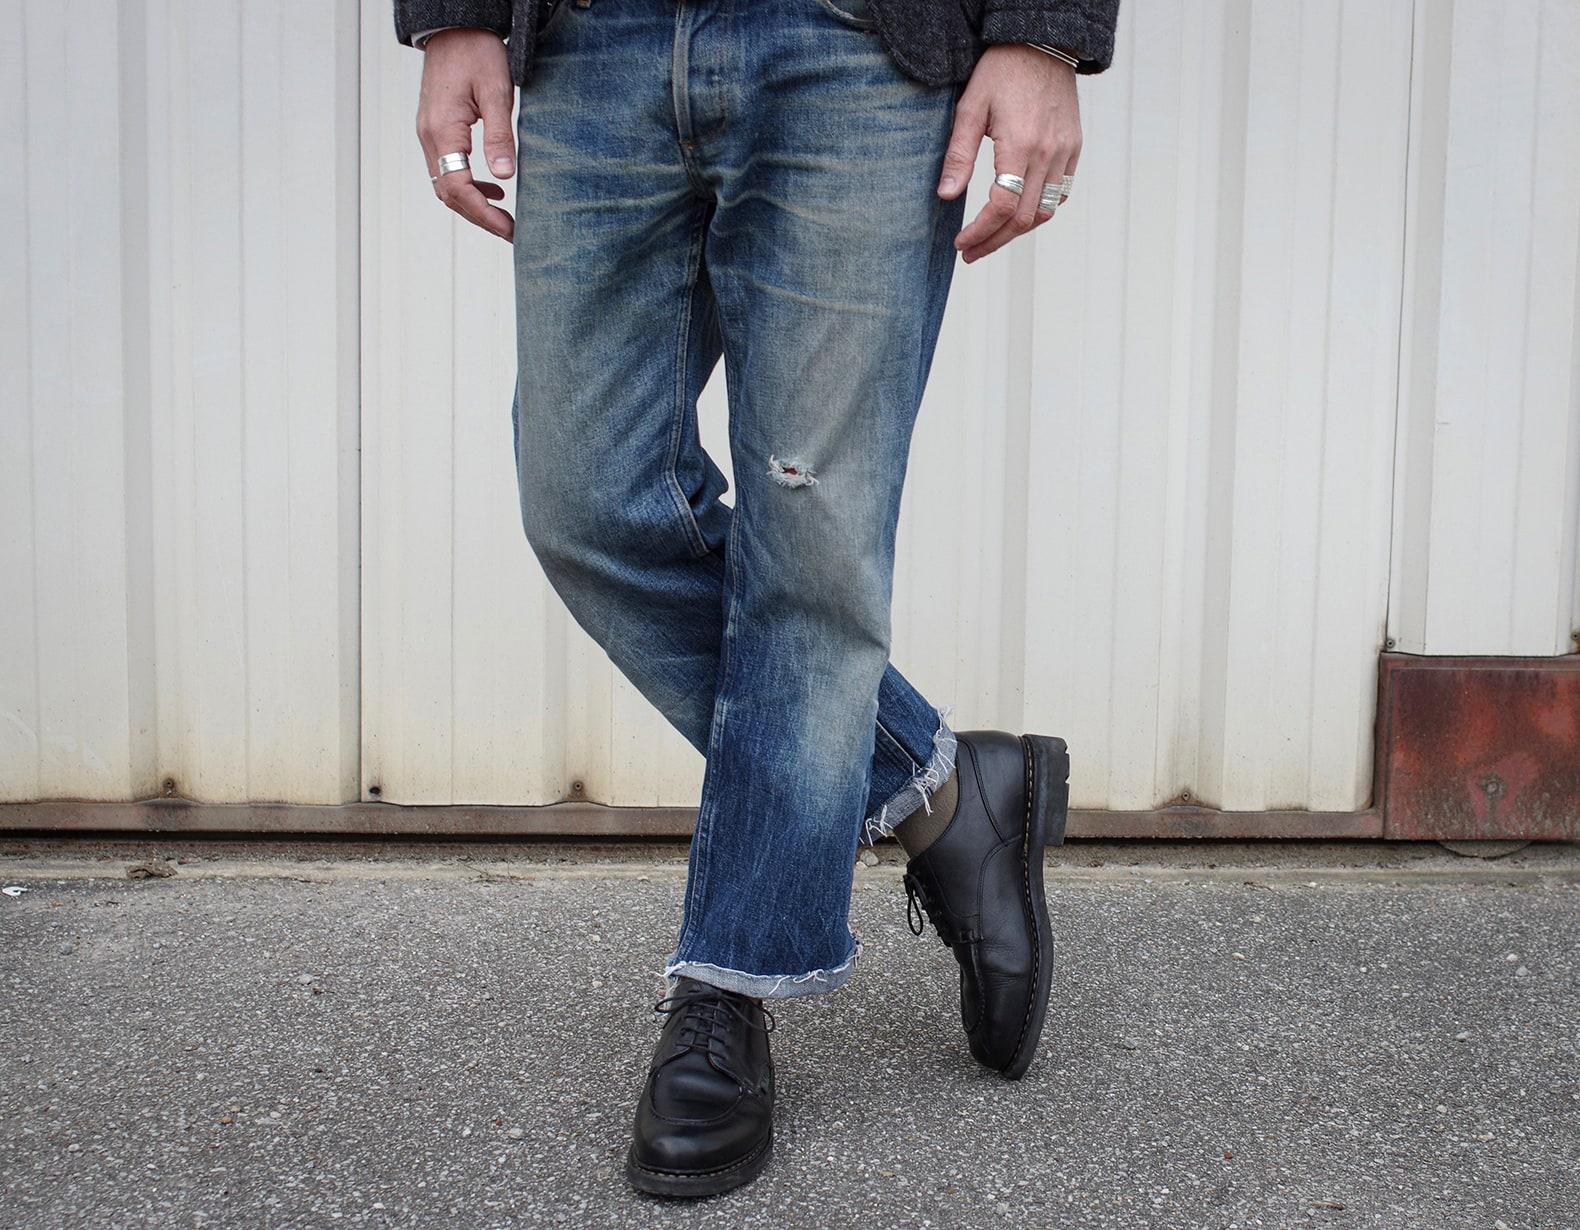 photo d'un jean brut PAC modèle hipster bien patiné et délavé par les années, il est porté avec une paire de paraboot chambord de couleur noire